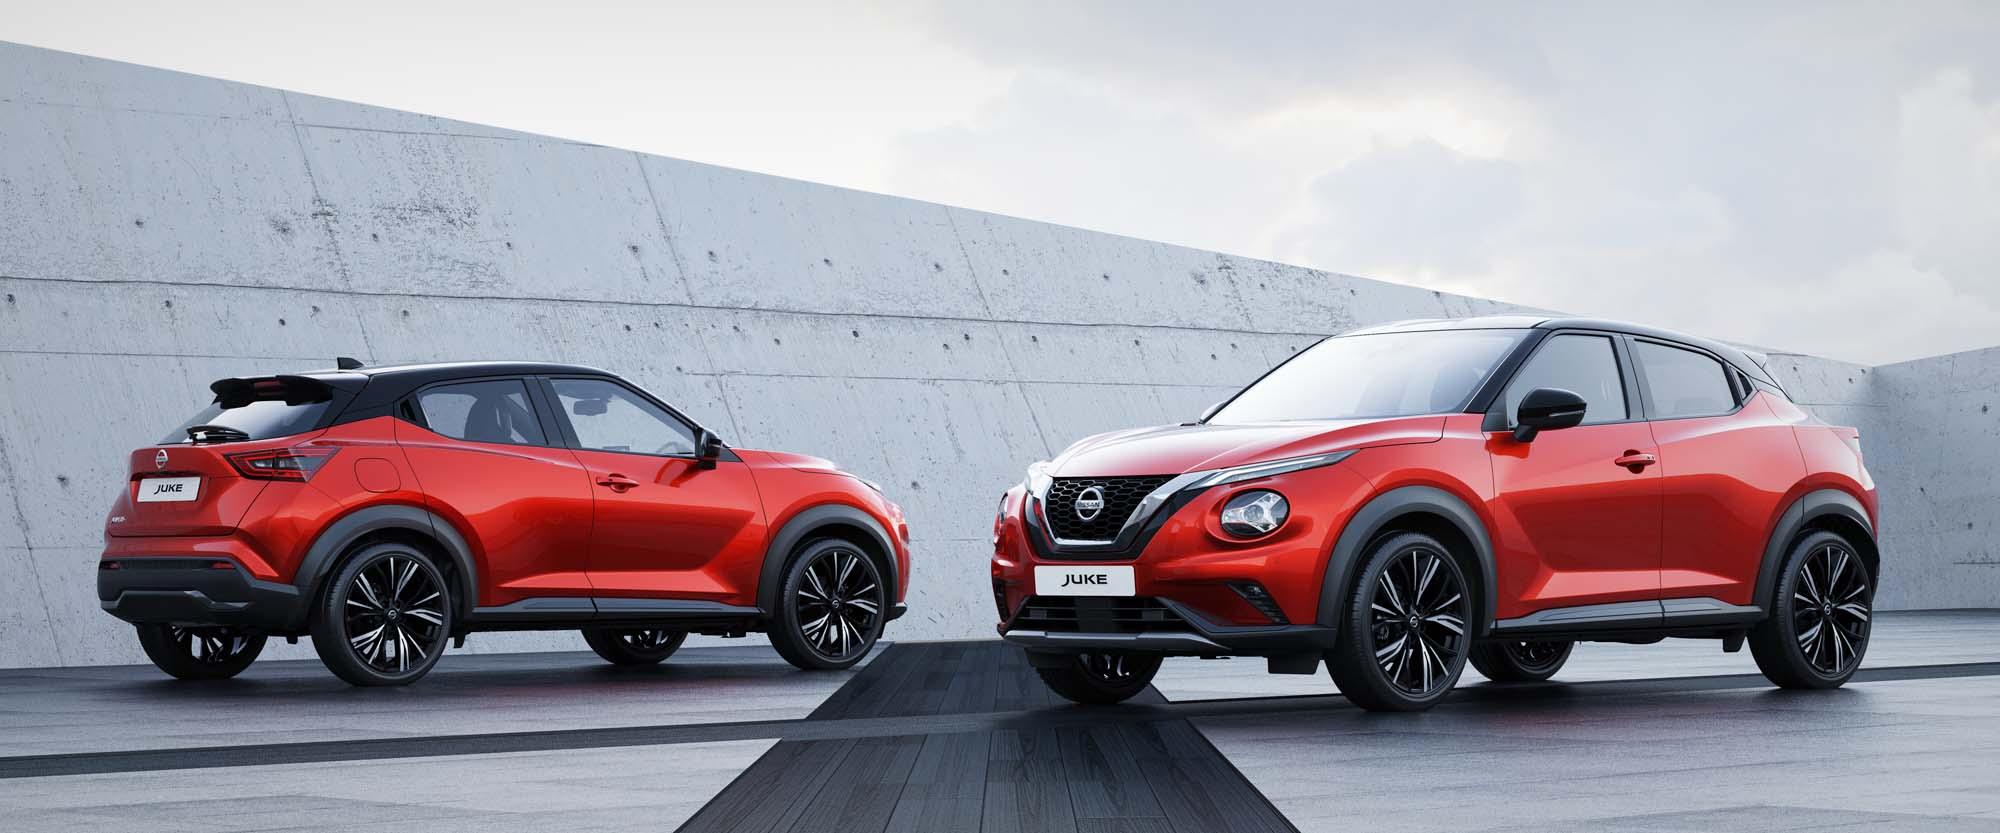 Το ολοκαίνουργιο Nissan JUKE στην Ελλάδα, με τιμή εκκίνησης στα 18.700€